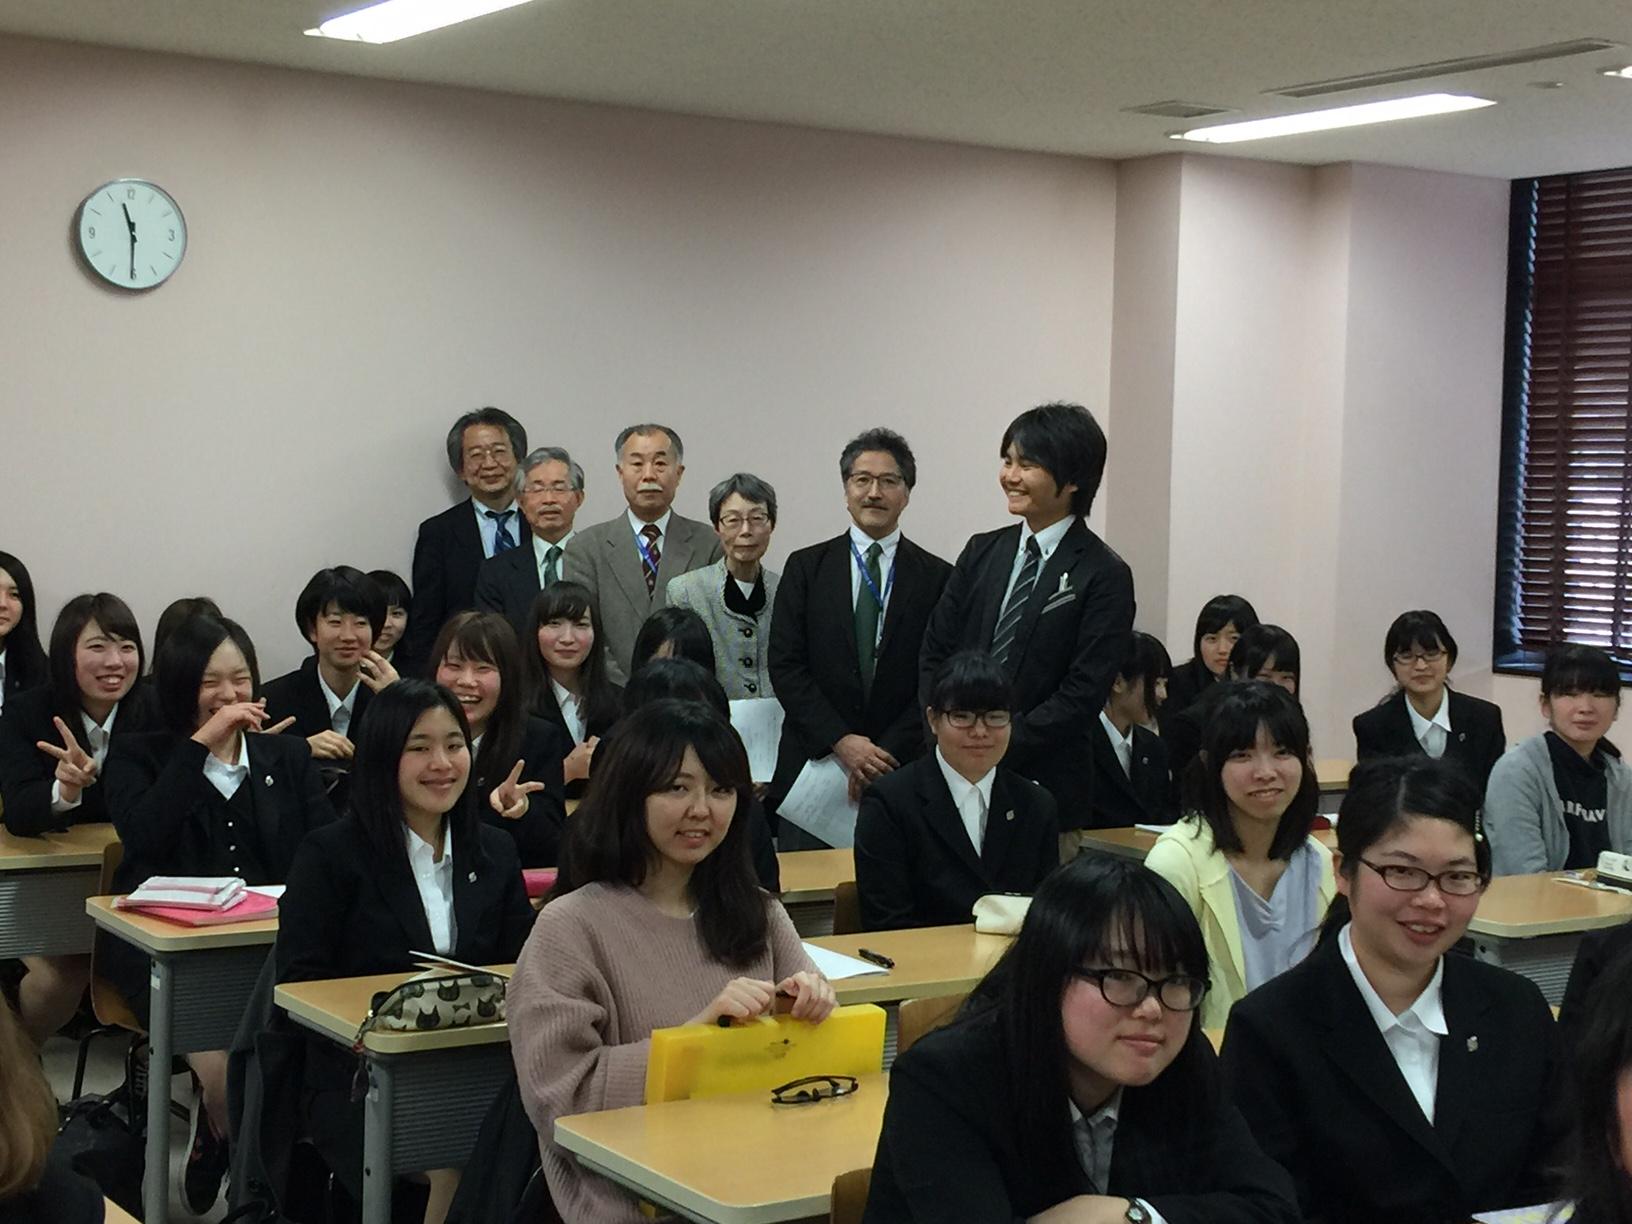 新入生に体験型RE科目のオリエンテーション開催!